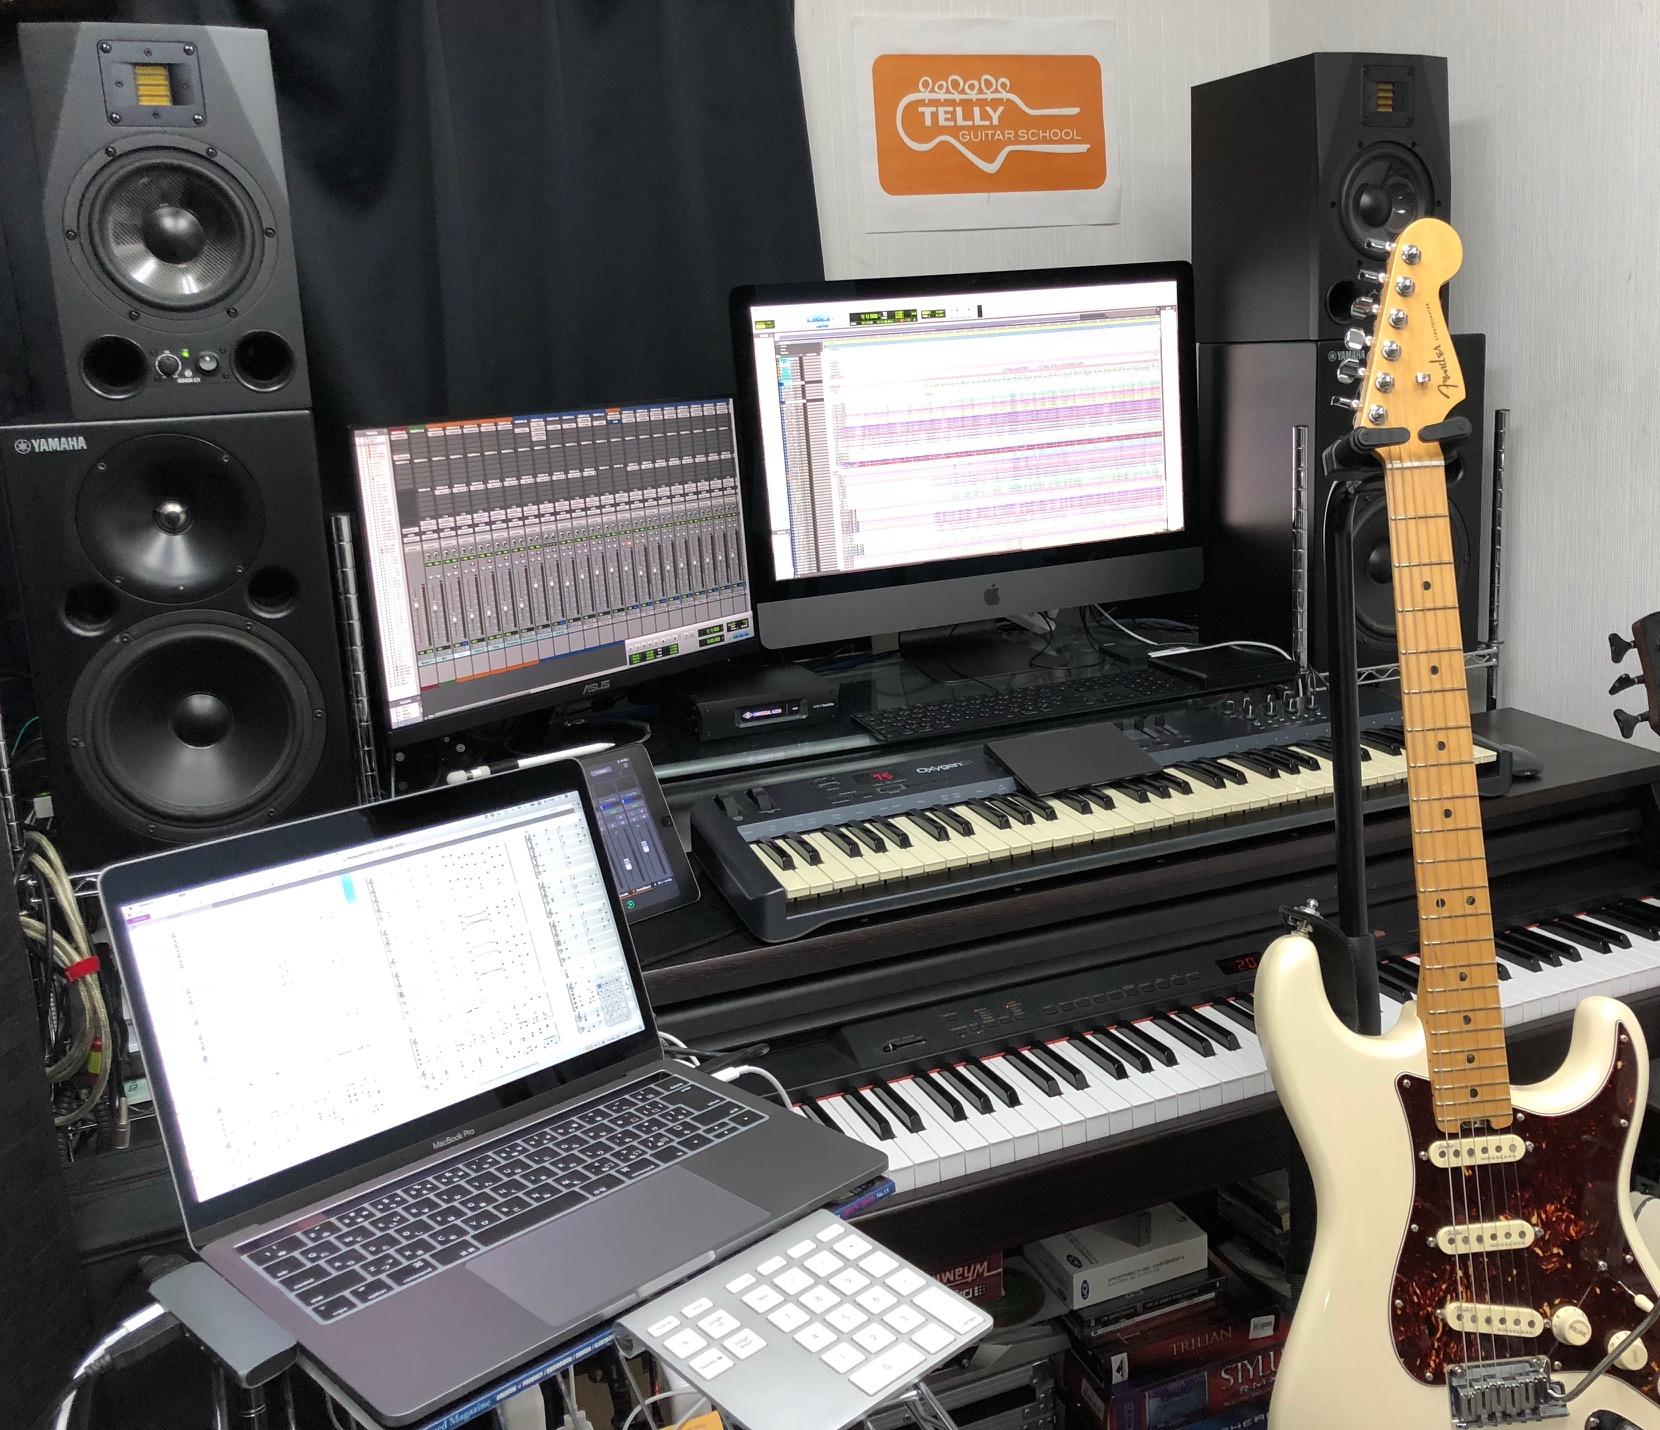 TELLYギター教室のデスクトップ